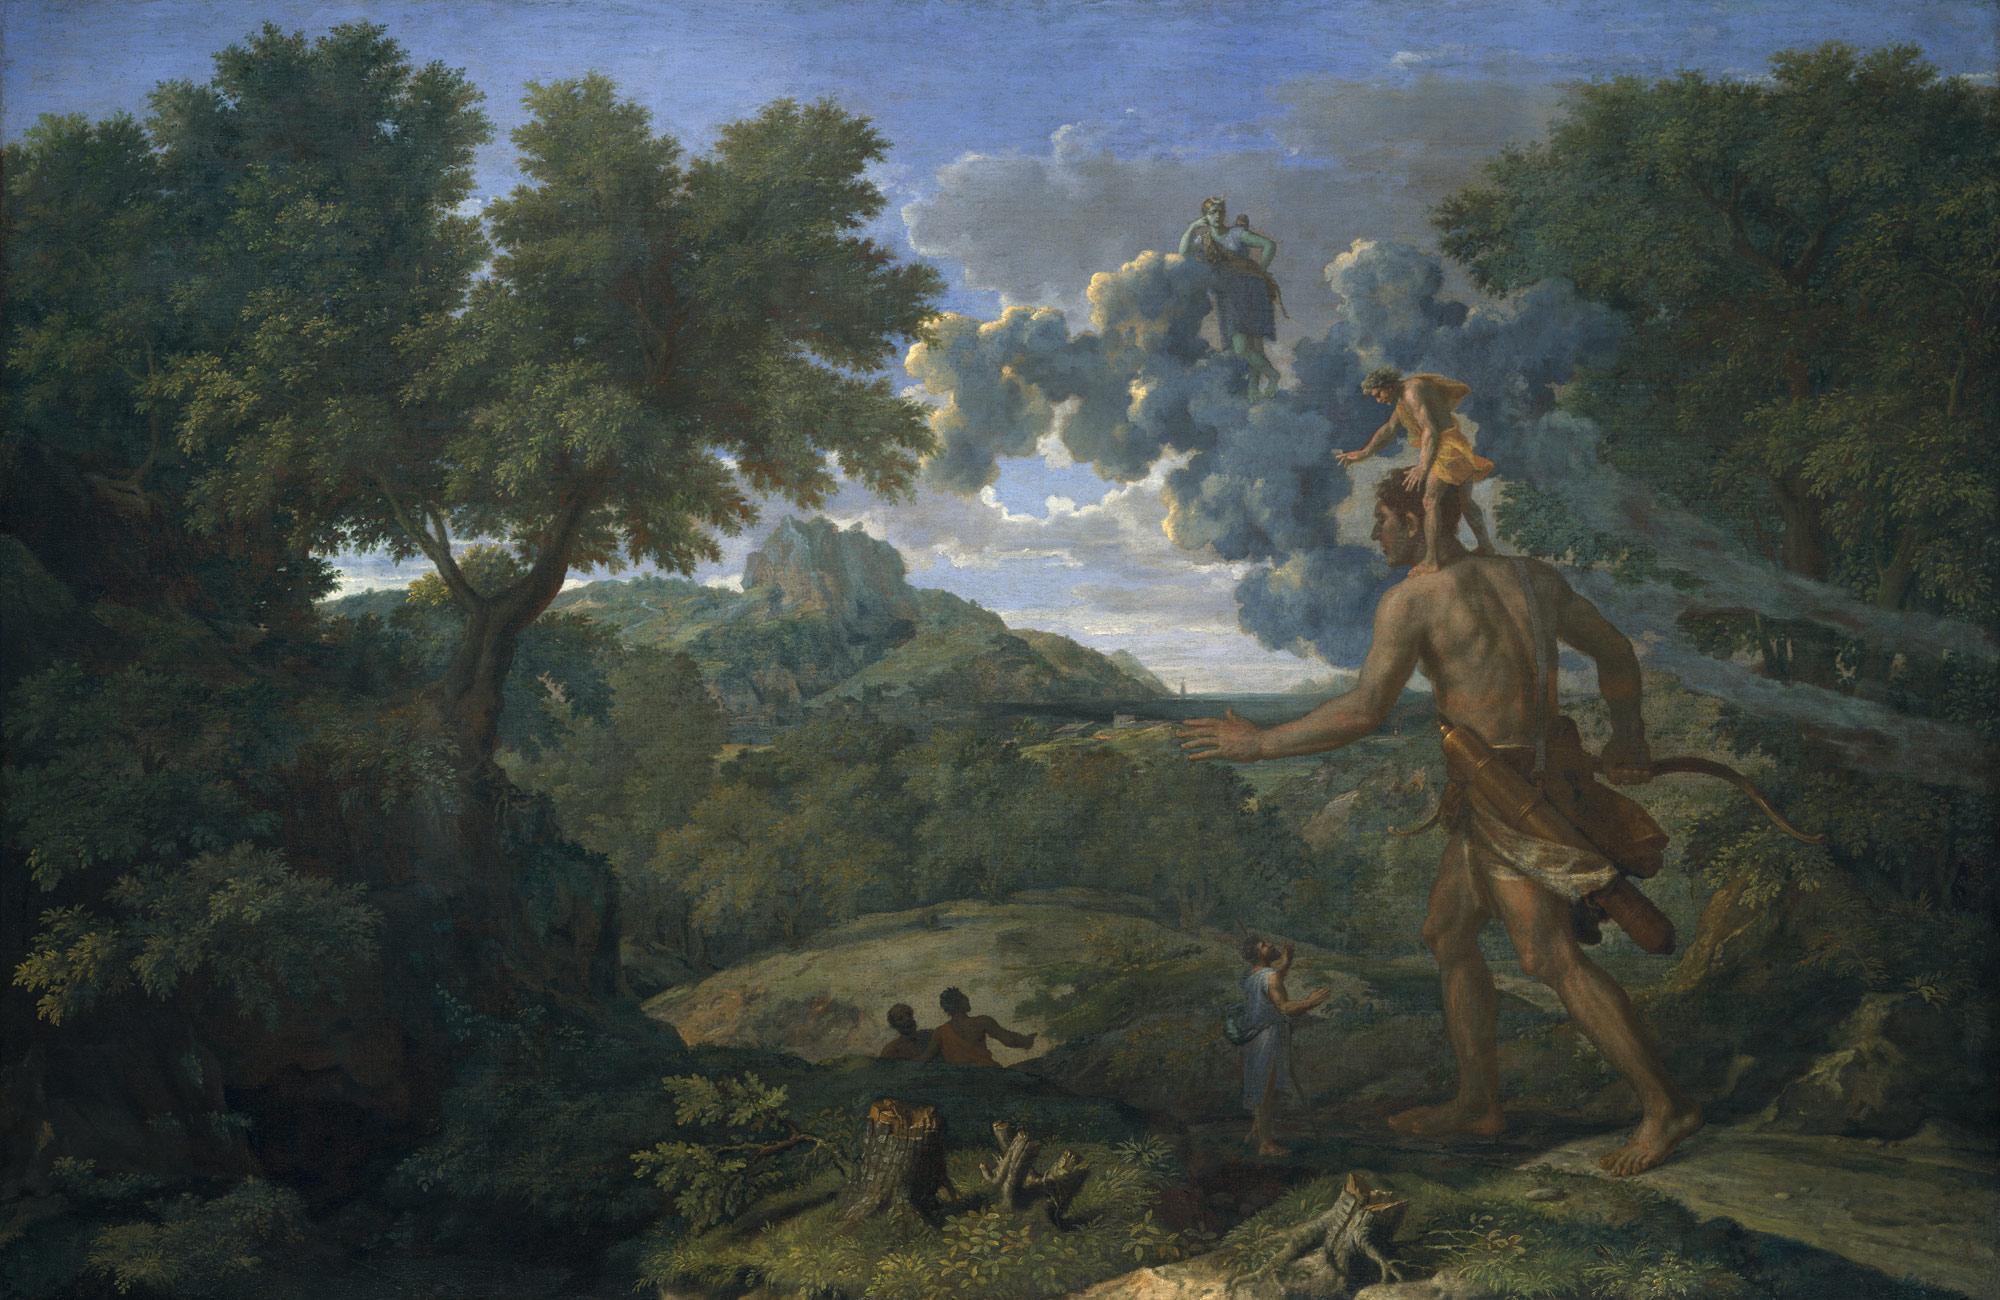 Paysage avec Orion aveugle cherchant le soleil - Nicolas Poussin -  1658